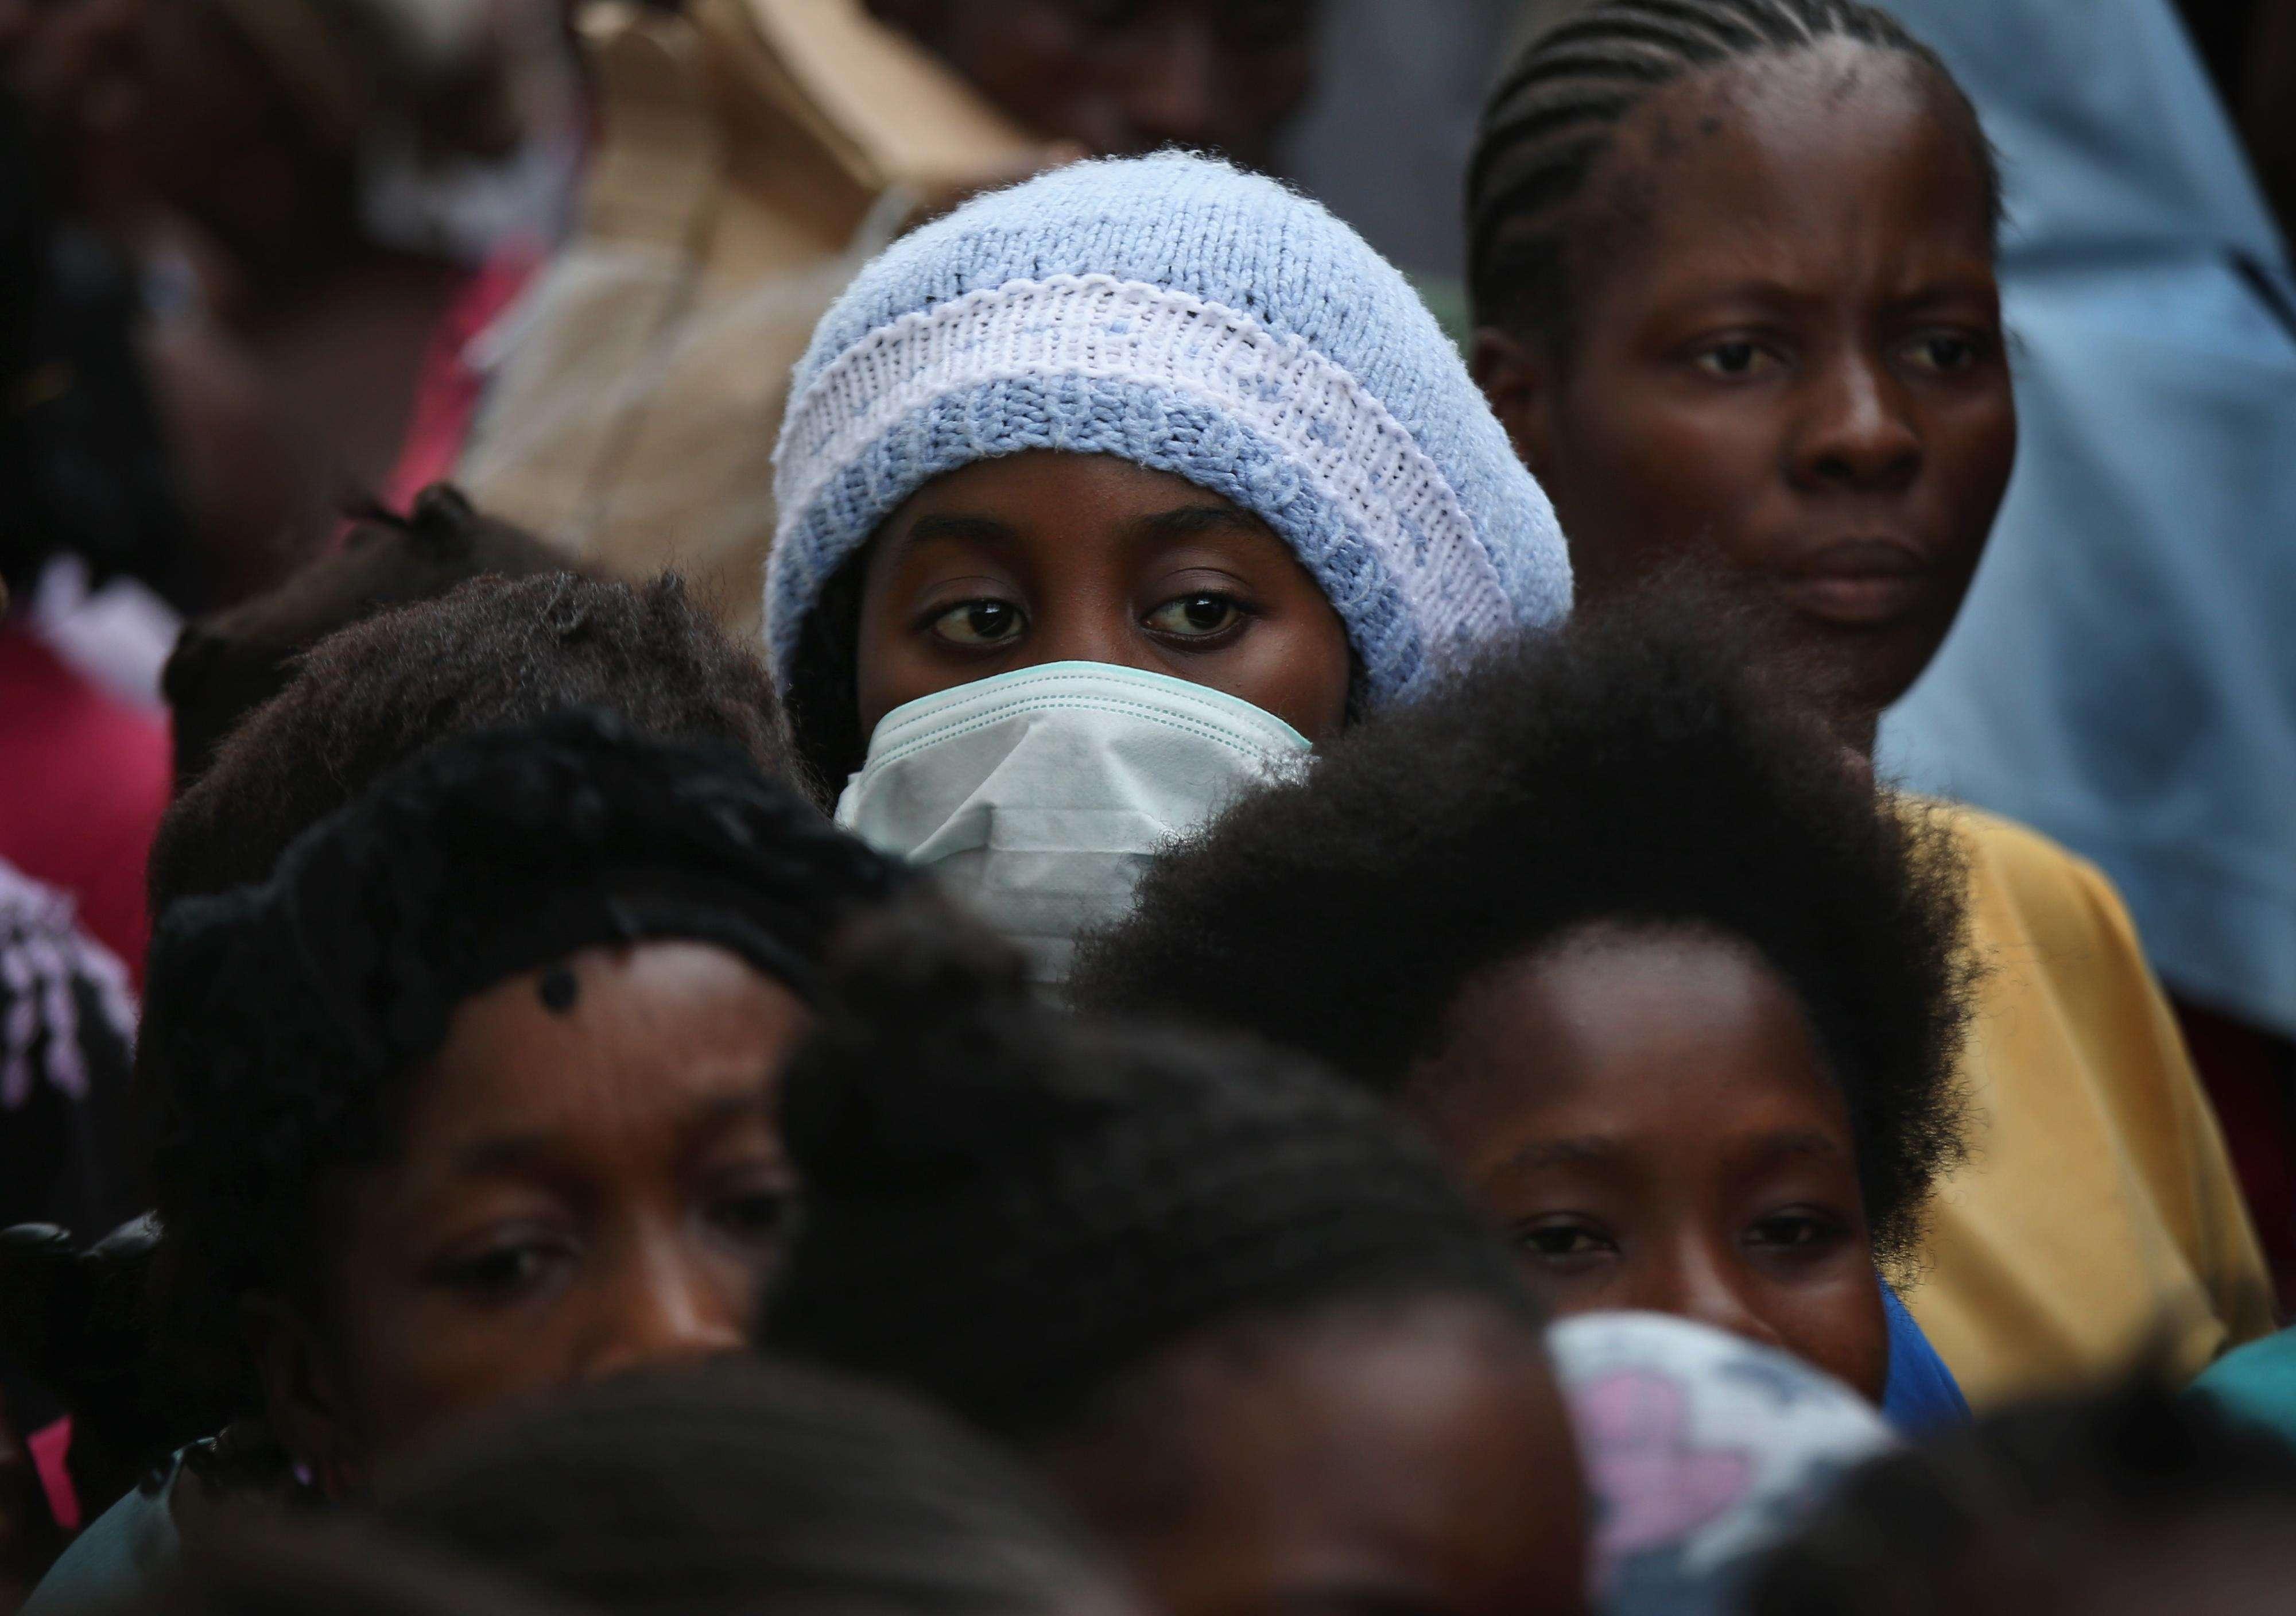 Vecinos de la barriada de West Point, en Monrovia, Liberia, reciben comida durante el segundo día de cuarentena decretada por el gobierno en sus barrios, el 21 de agosto de 2014. Foto: Getty Images